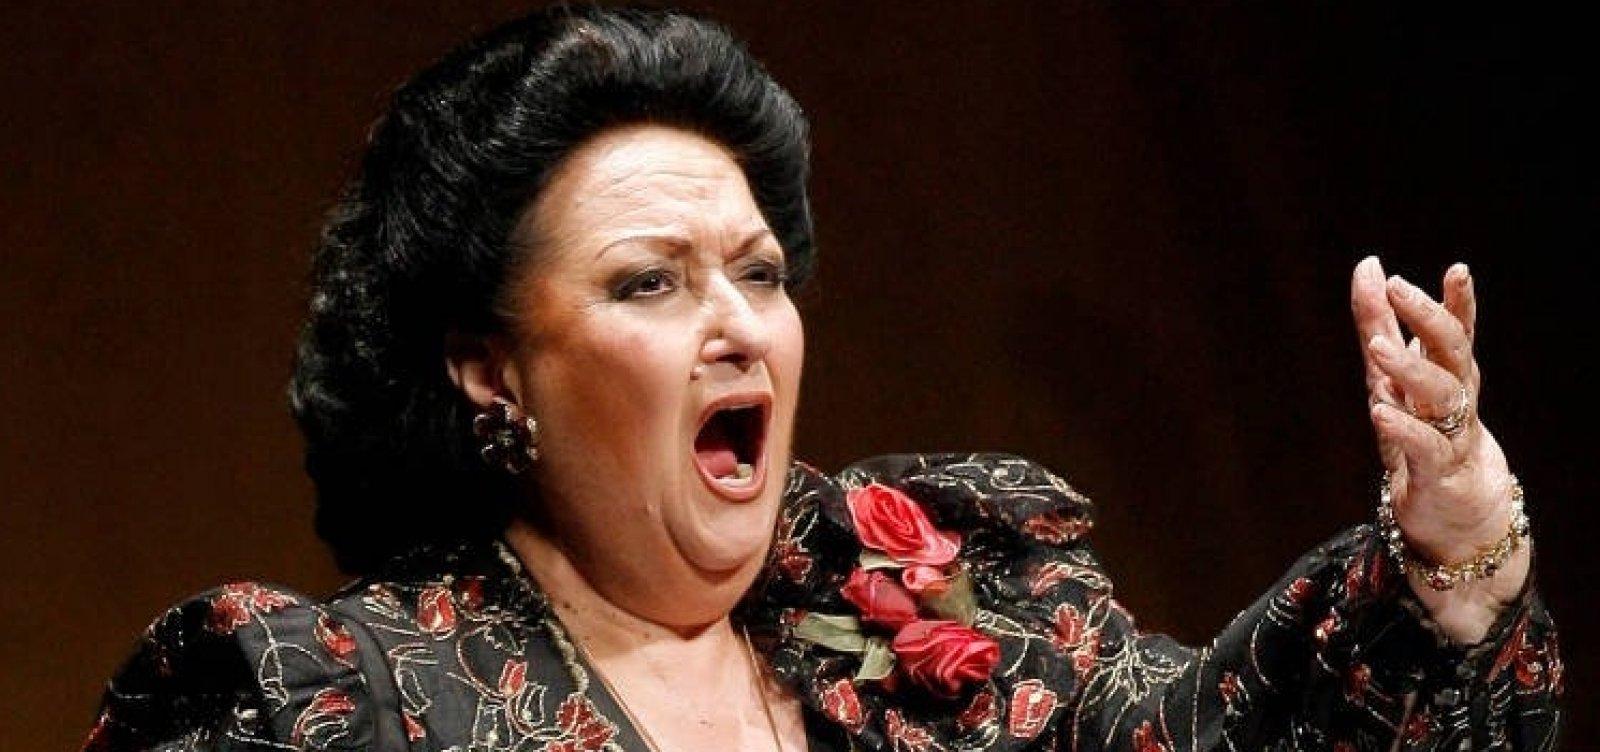 [Montserrat Caballé, soprano espanhola, morre aos 85 anos]